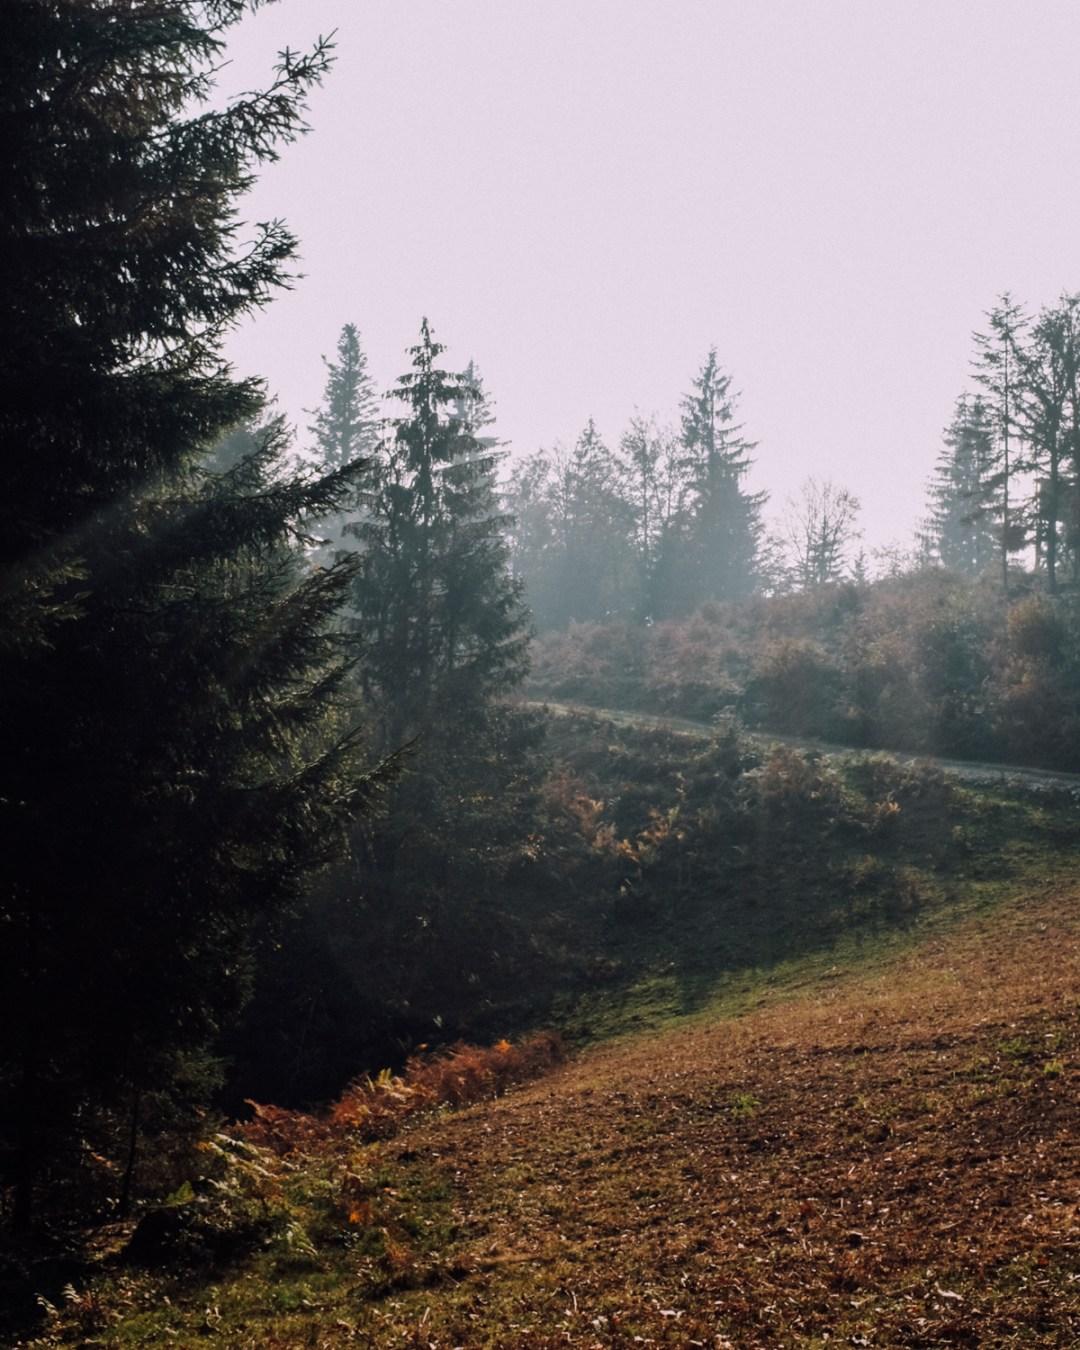 Inastil, Herbstinspiration, Herbst, Schokobrownie, Karamell-Schoko-Brownie, Cozy, Interior, Herbstblumen, Herbstdekoration, Backen, Natur, Waldspaziergang-16